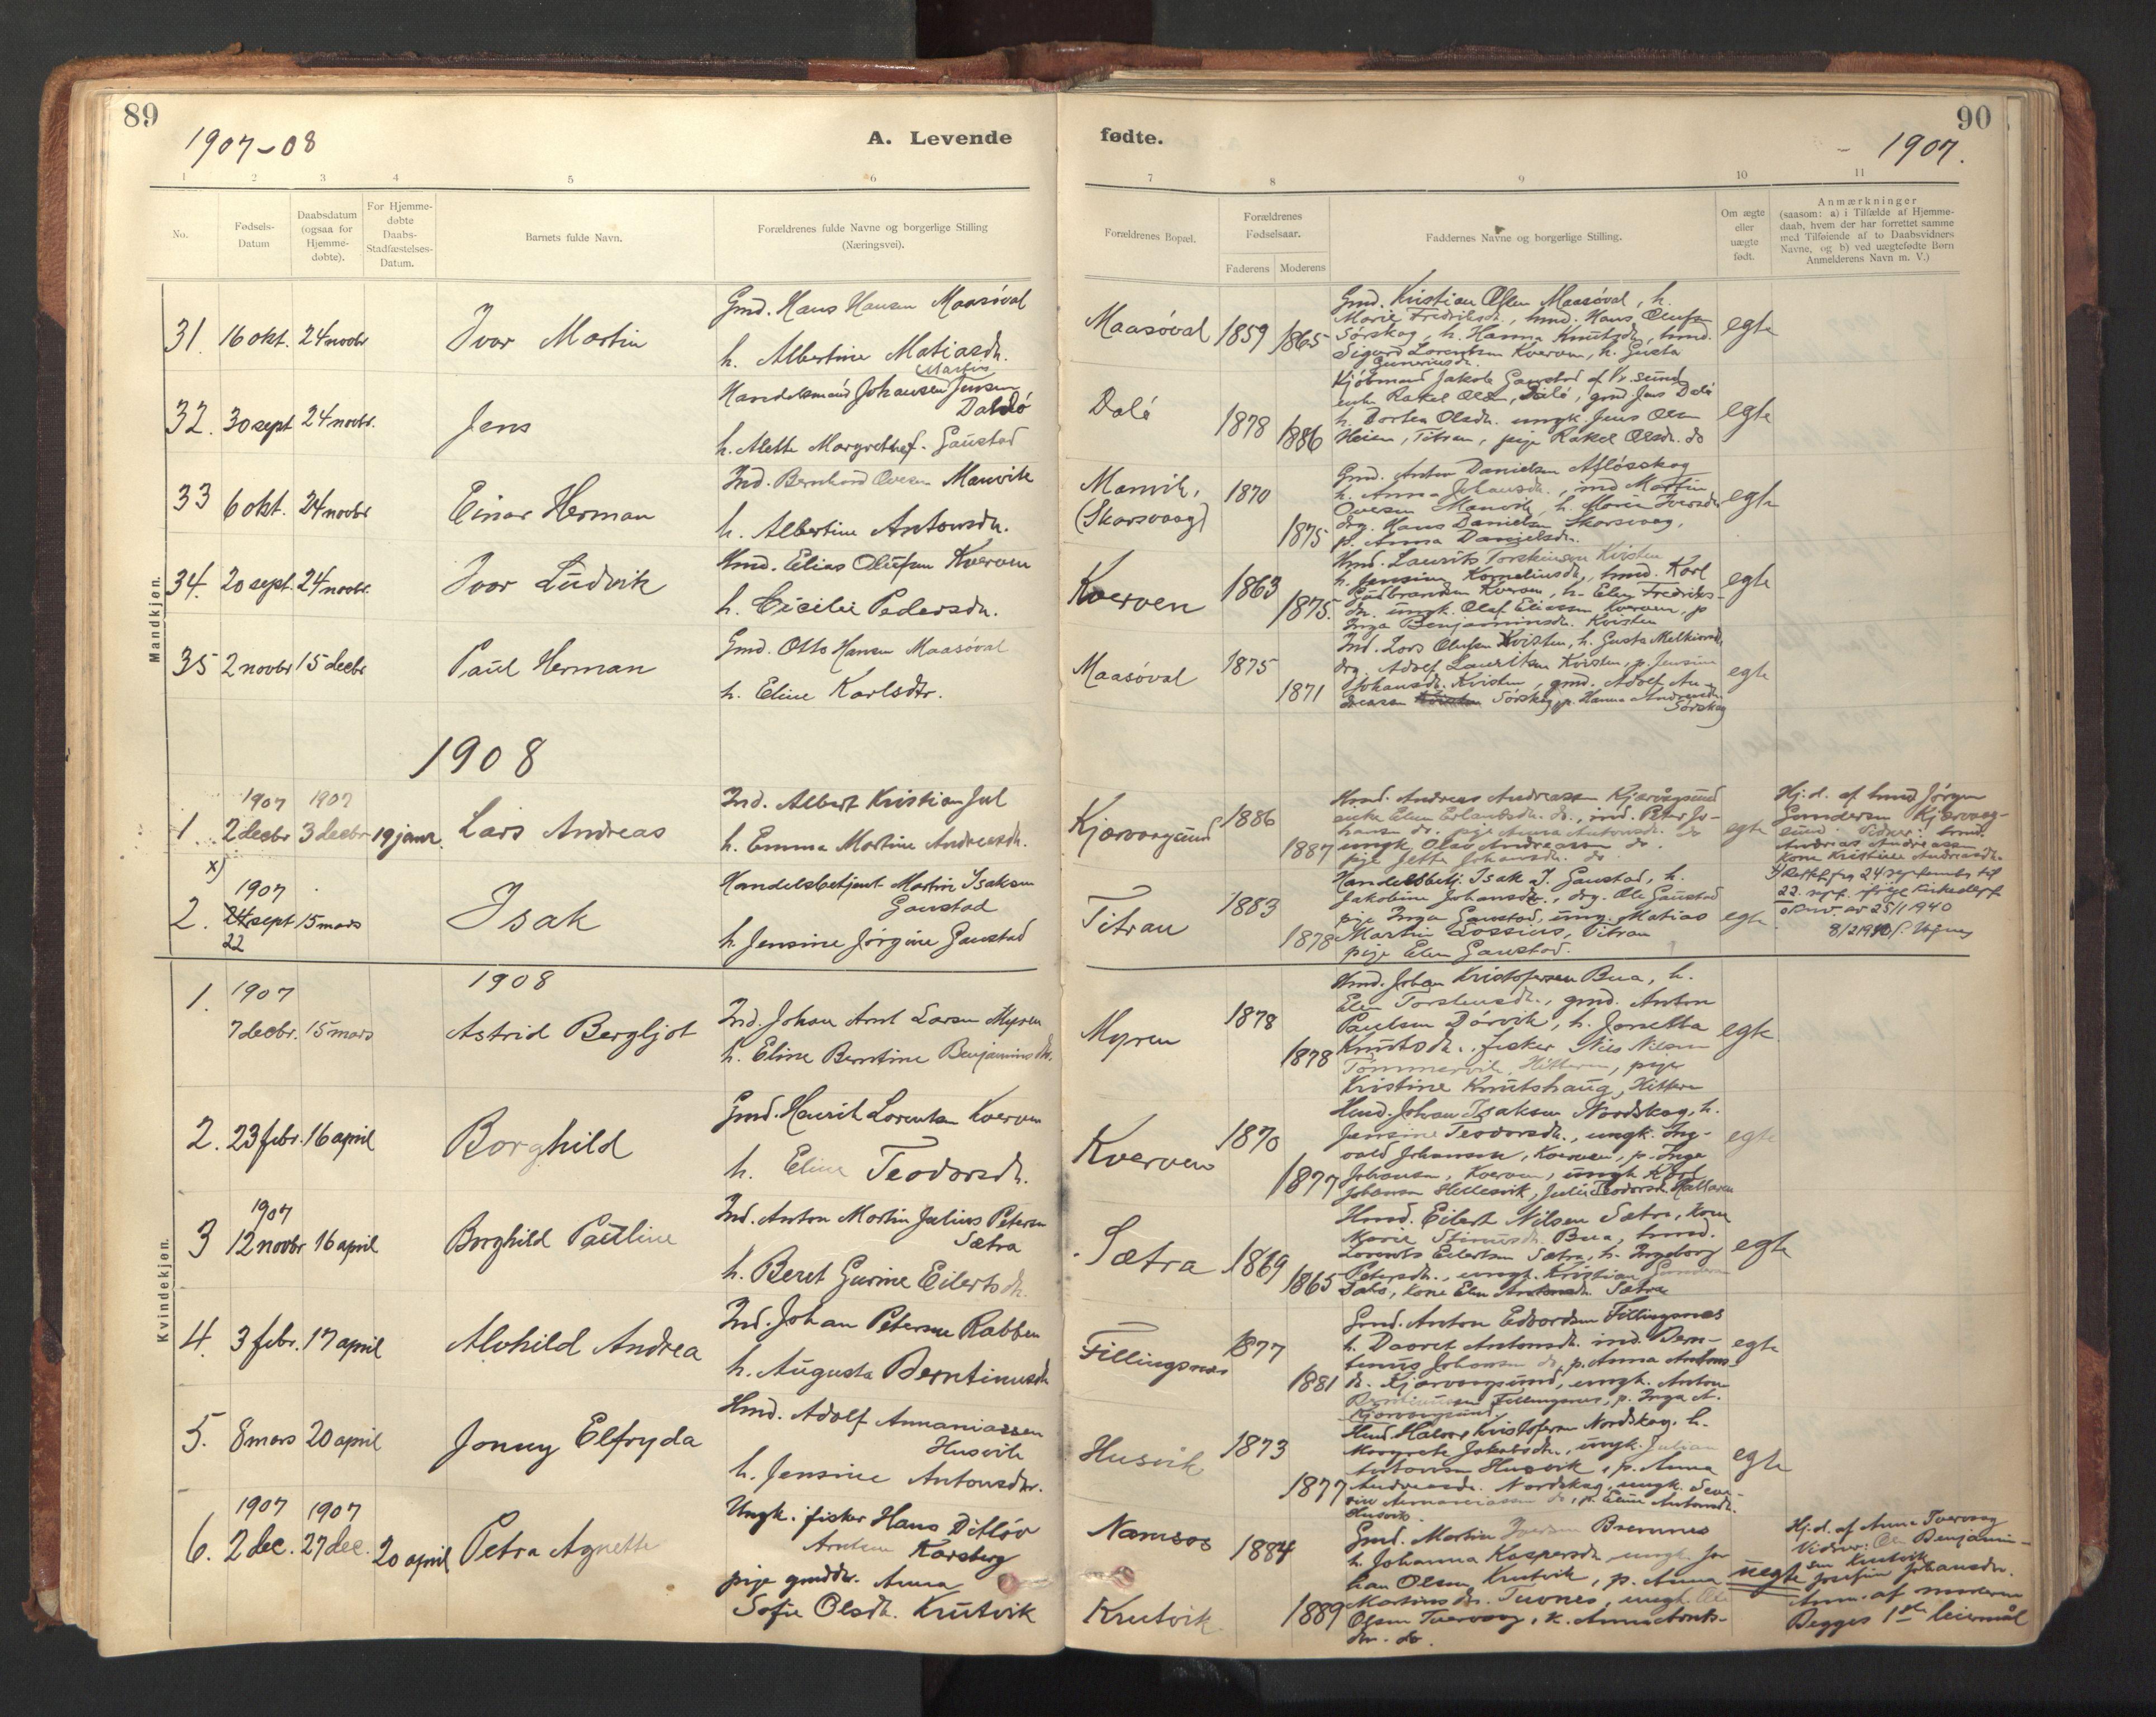 SAT, Ministerialprotokoller, klokkerbøker og fødselsregistre - Sør-Trøndelag, 641/L0596: Ministerialbok nr. 641A02, 1898-1915, s. 89-90